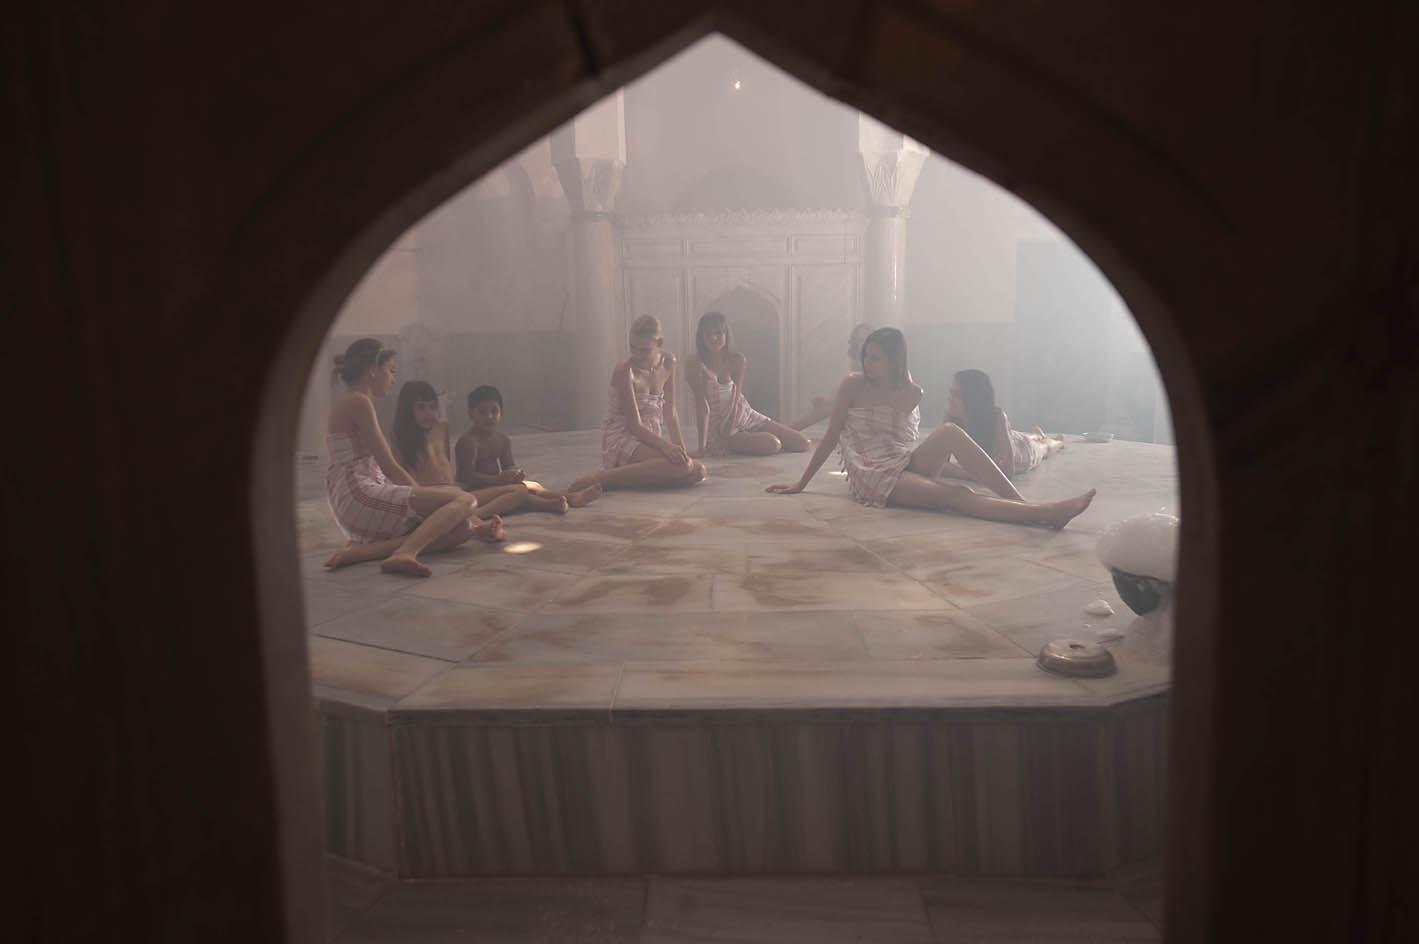 حمام شمبرلي تاش اسطنبول